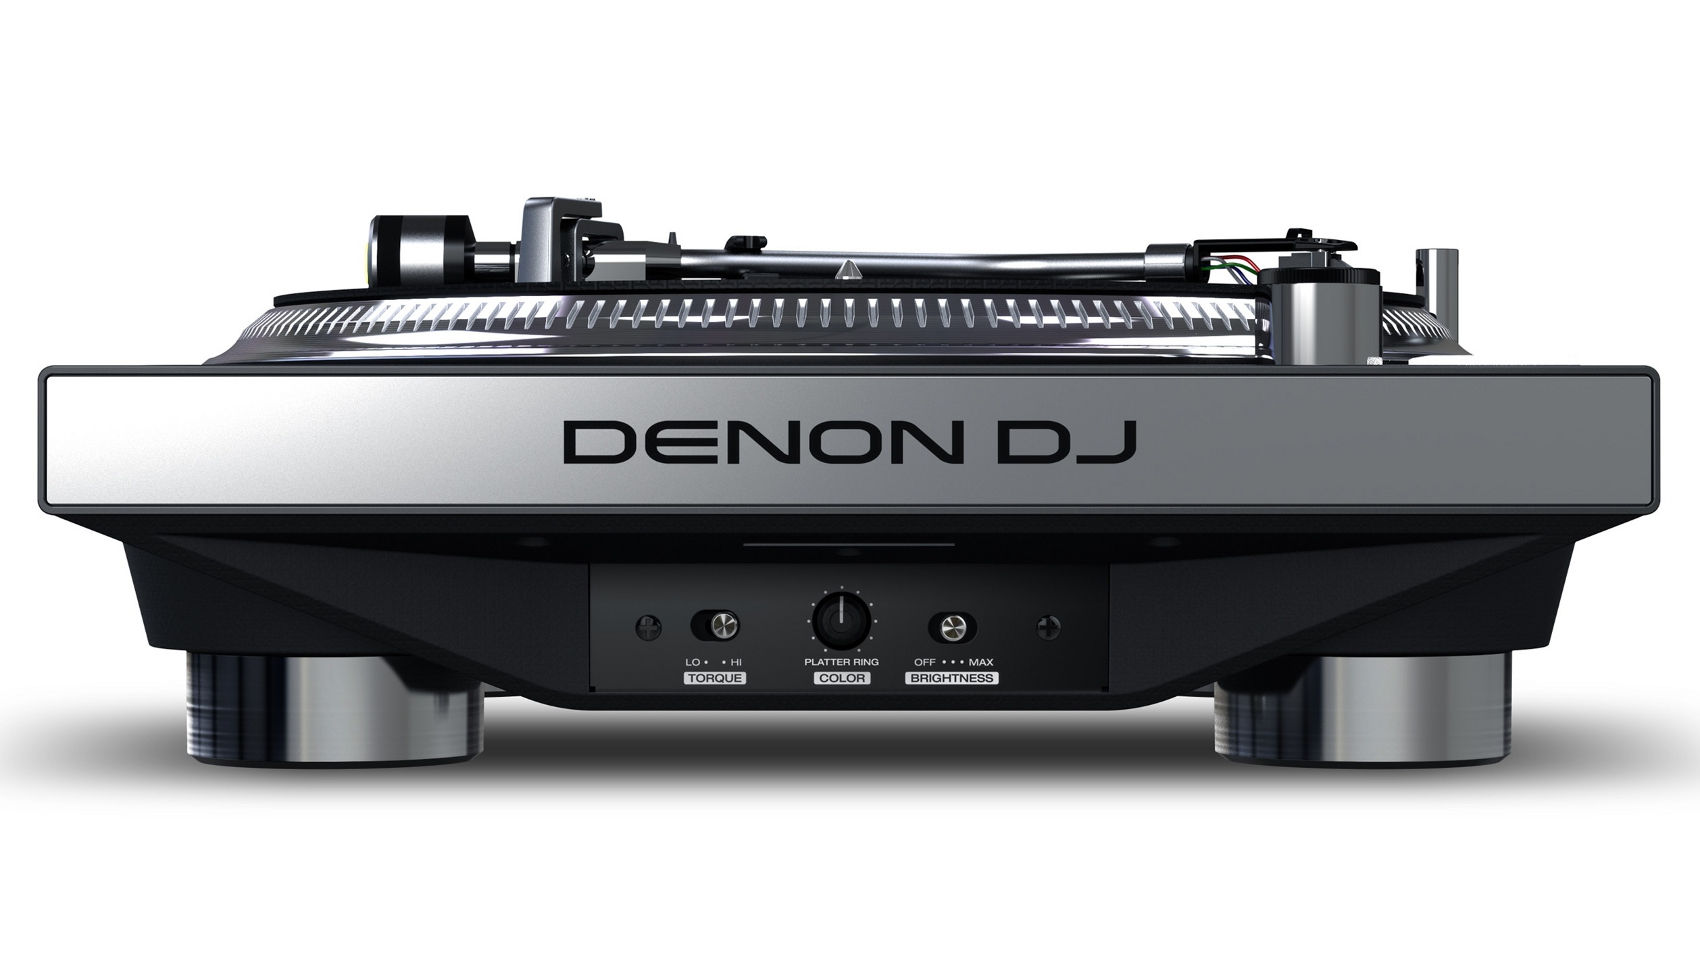 DENON DJ VL12 PRIME GIRADISCHI PER DJ A TRAZIONE DIRETTA CON ILLUMINAZIONE RGB DEL PIATTO 1